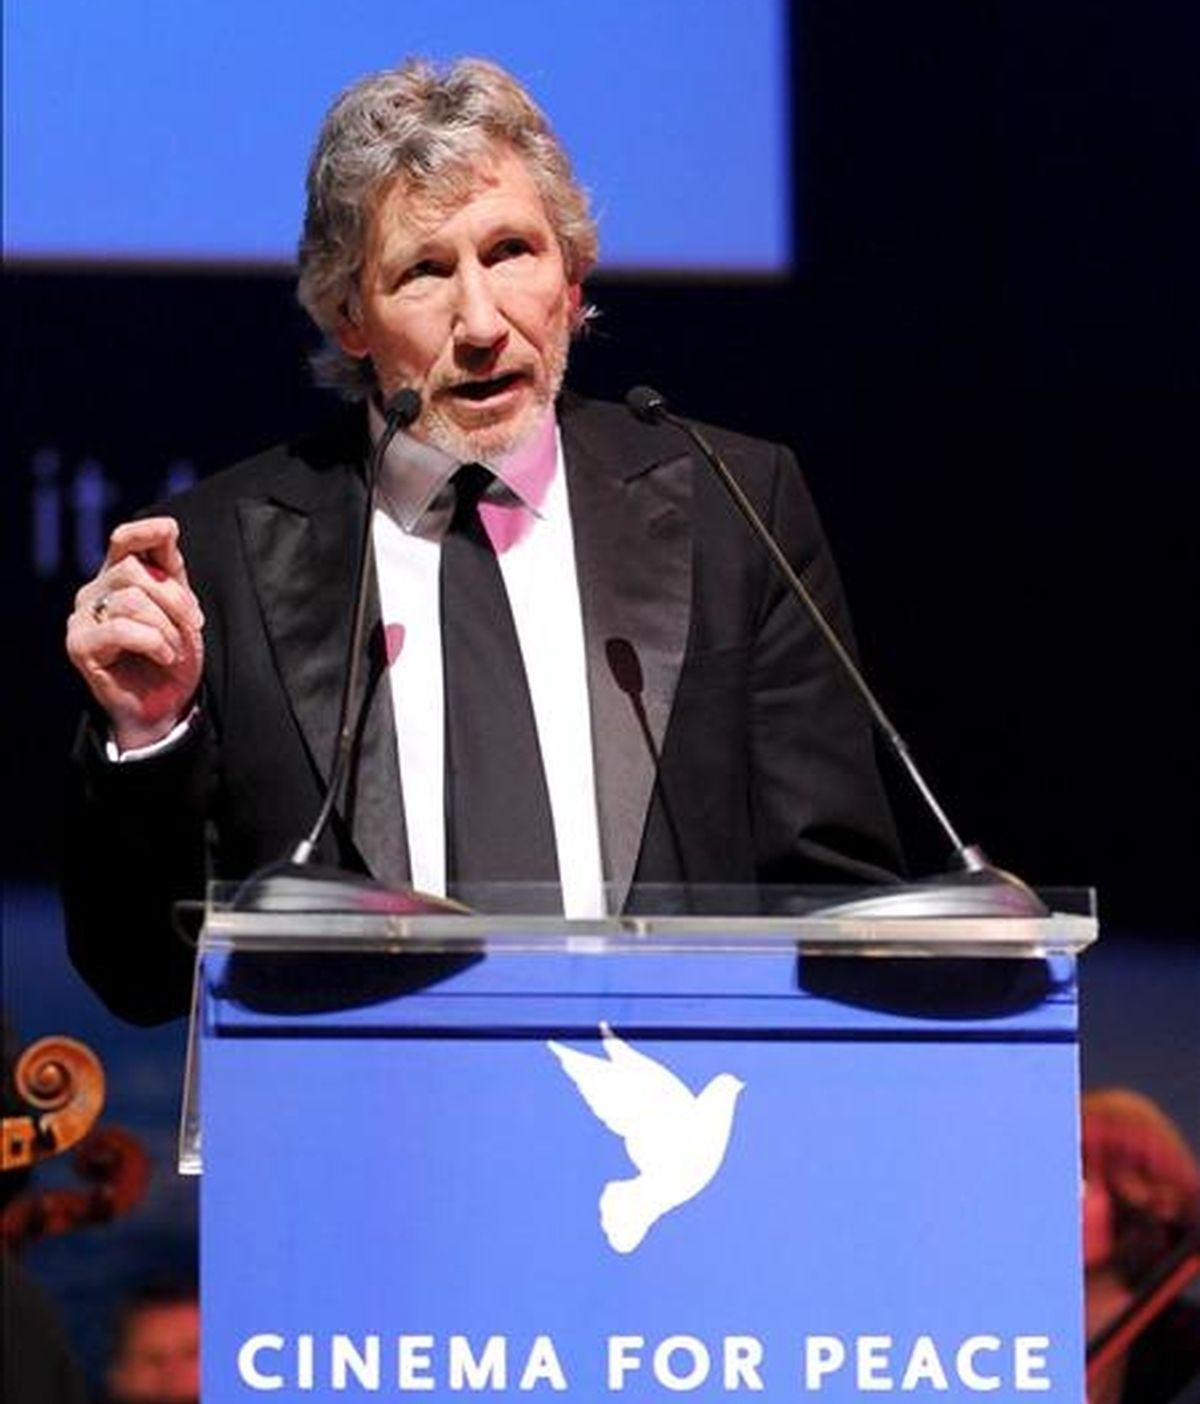 """El bajista de la agrupación británica """"Pink Floyd"""" Roger Waters durante el discurso que ofreción el pasado 9 de febrero, en la gala de """"Cine por la Paz"""", en el marco de la edición 59 del Festival Internacional de Cine de Berlín (Alemania). EFE/Archivo"""